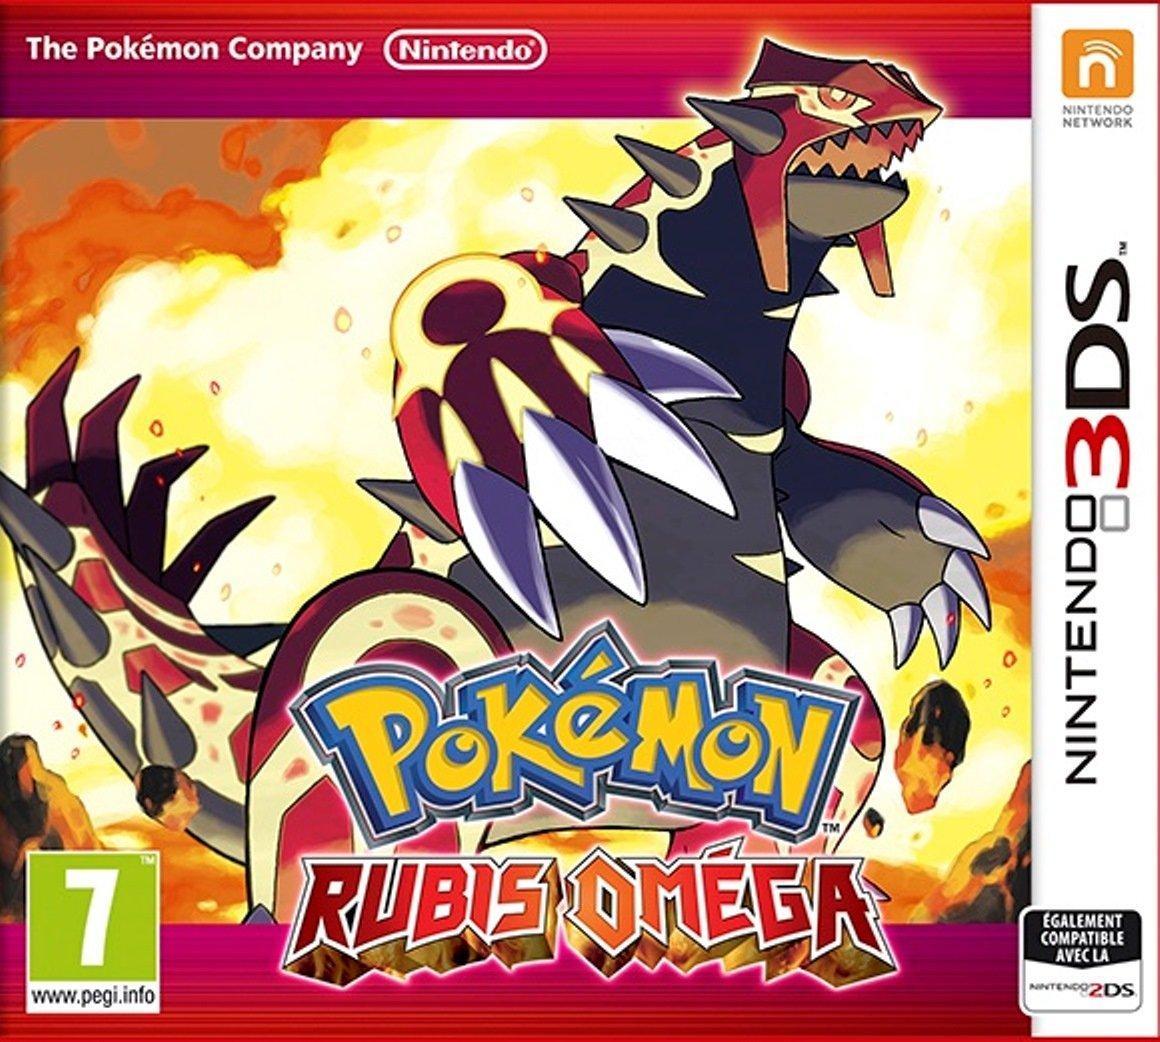 Pokémon Rubis Oméga sur Nintendo 3DS